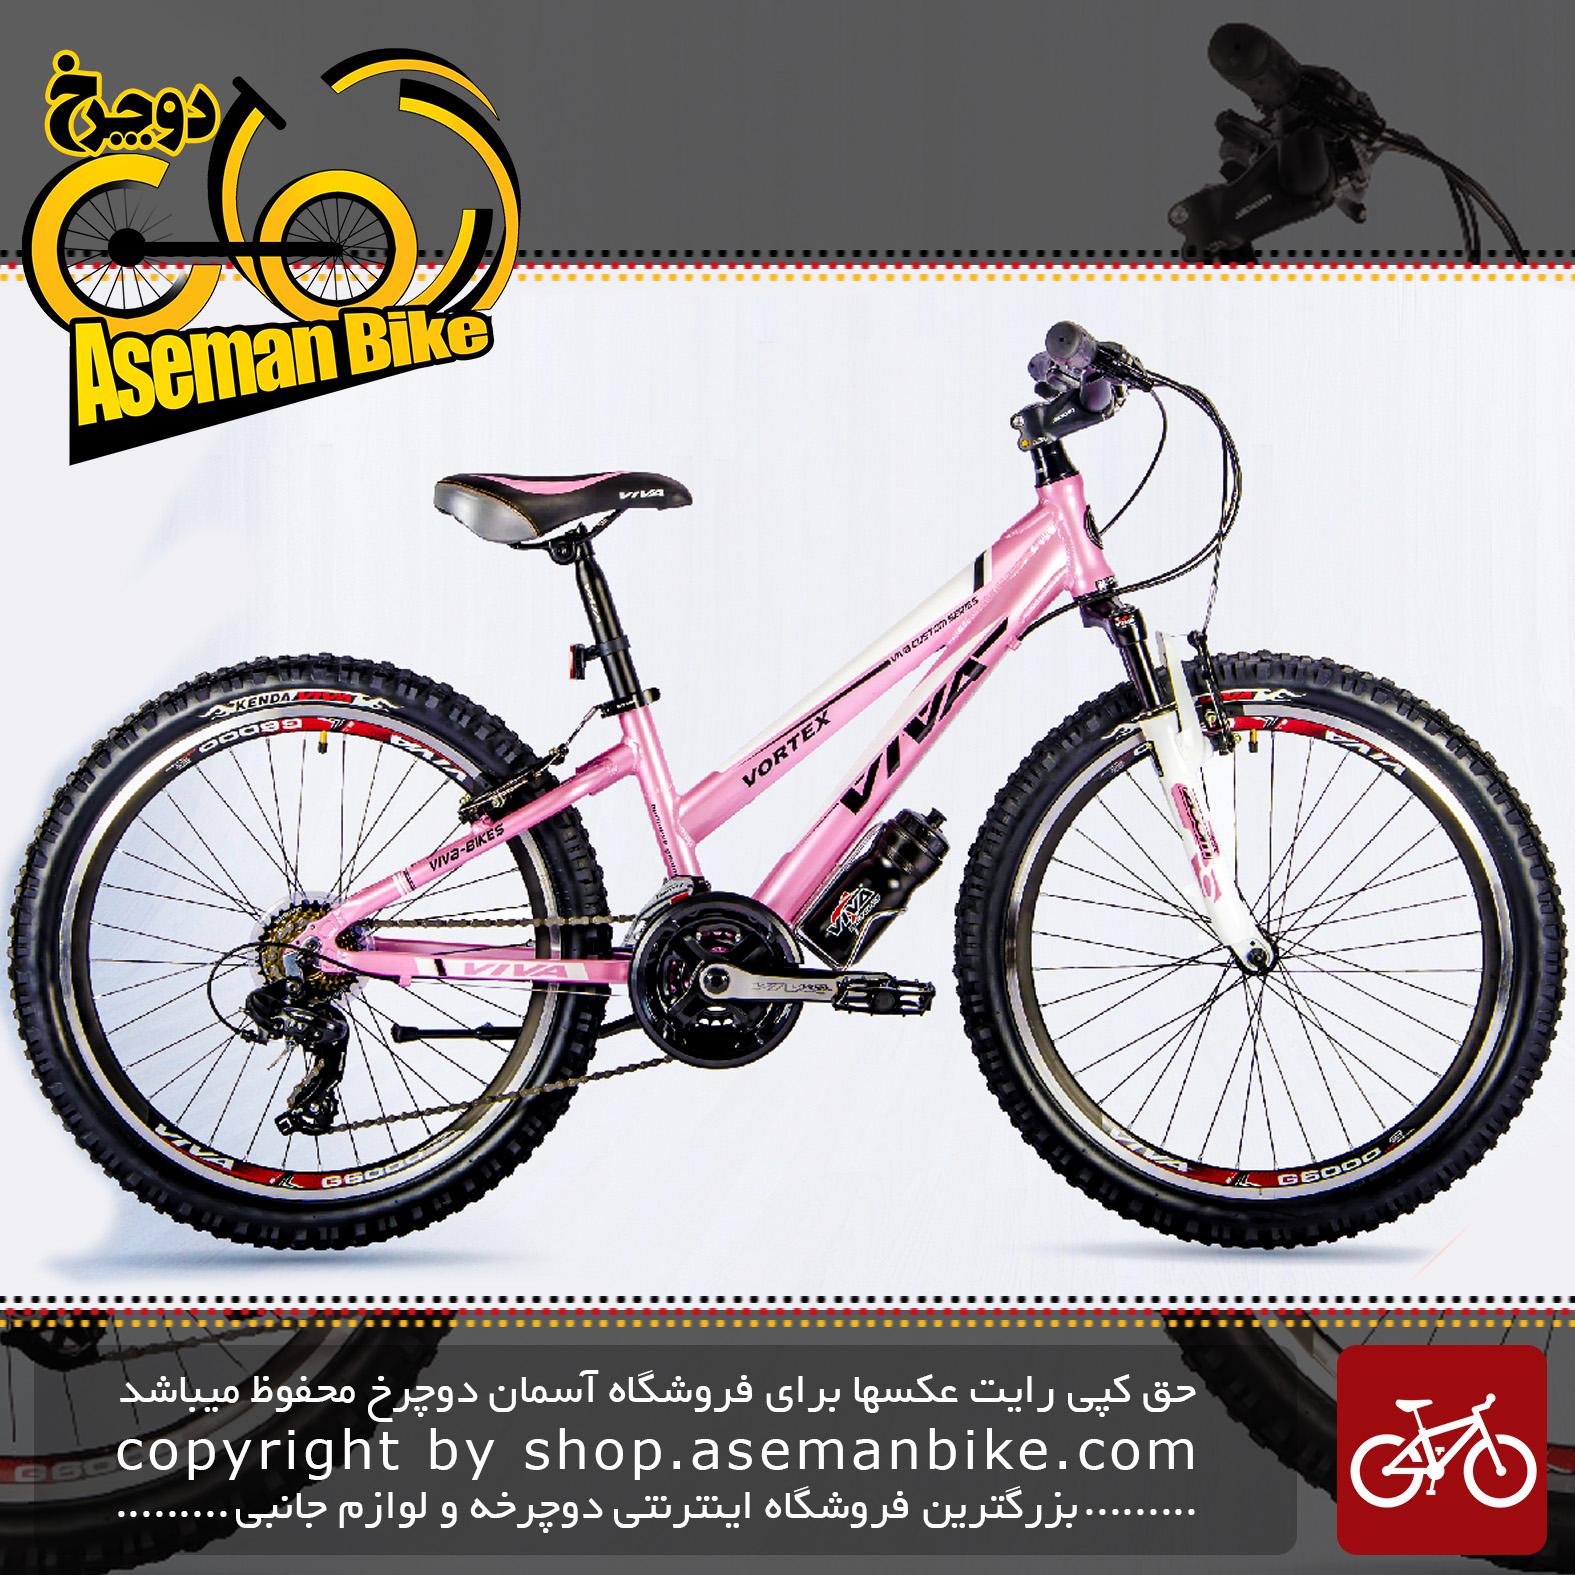 دوچرخه کوهستان شهری زنانه بانوان ویوا مدل ورتکس لیدی 21 دنده سایز ۲۶ ساخت تایوان Viva Mountain City Bicycle Vortex Lady 26 2018 Made In Taiwan